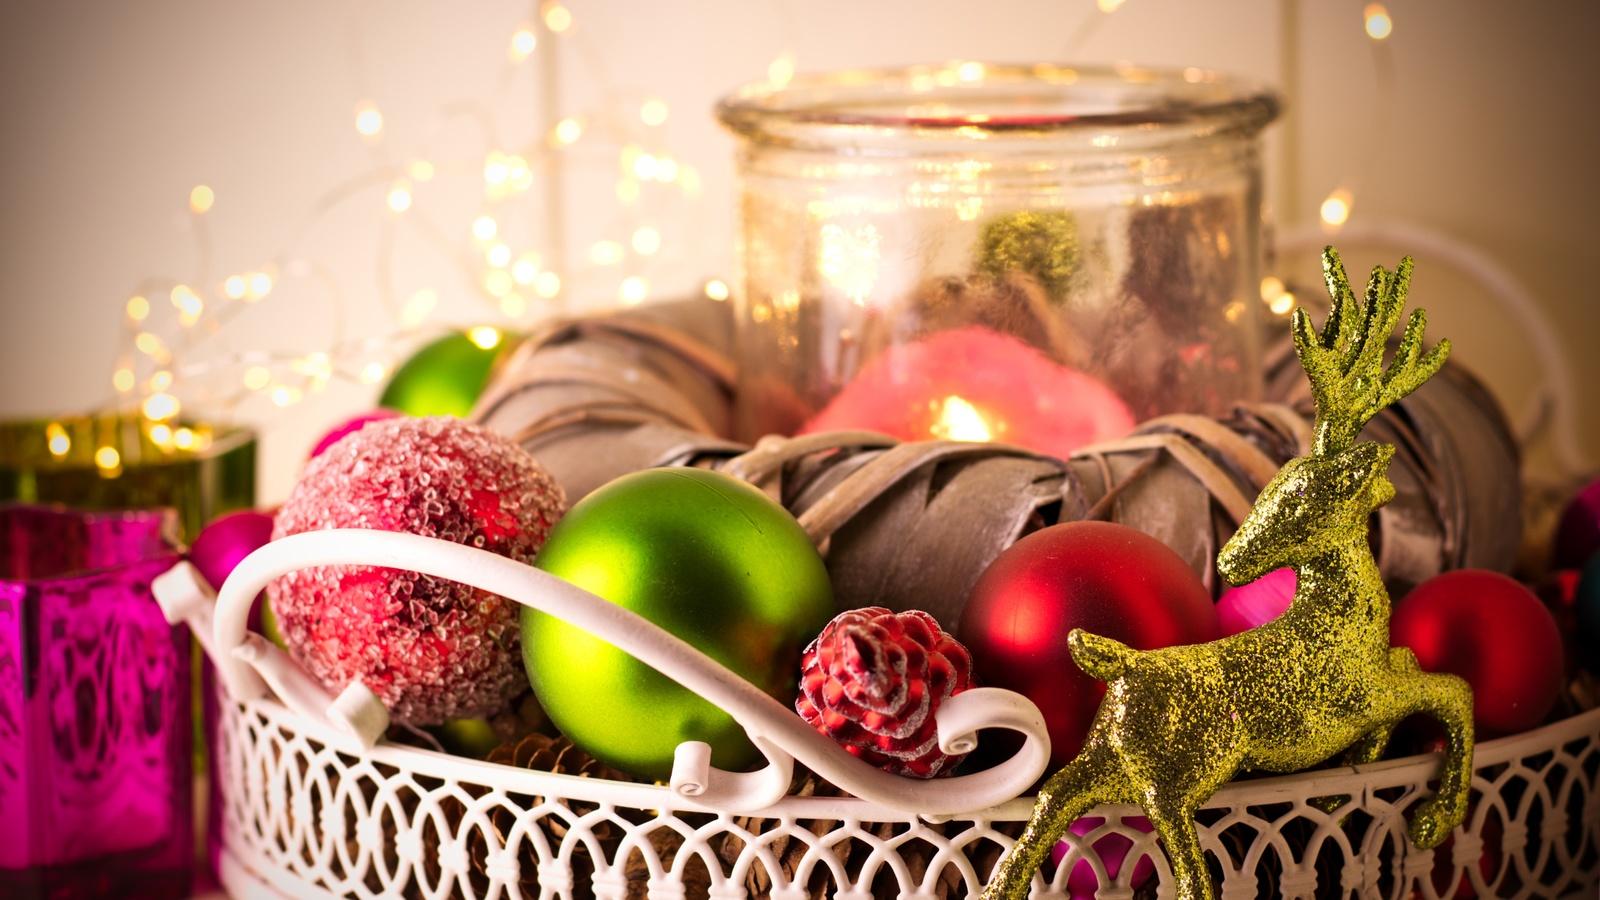 праздник, новый год, рождество, игрушки, шары, свеча, олень, композиция